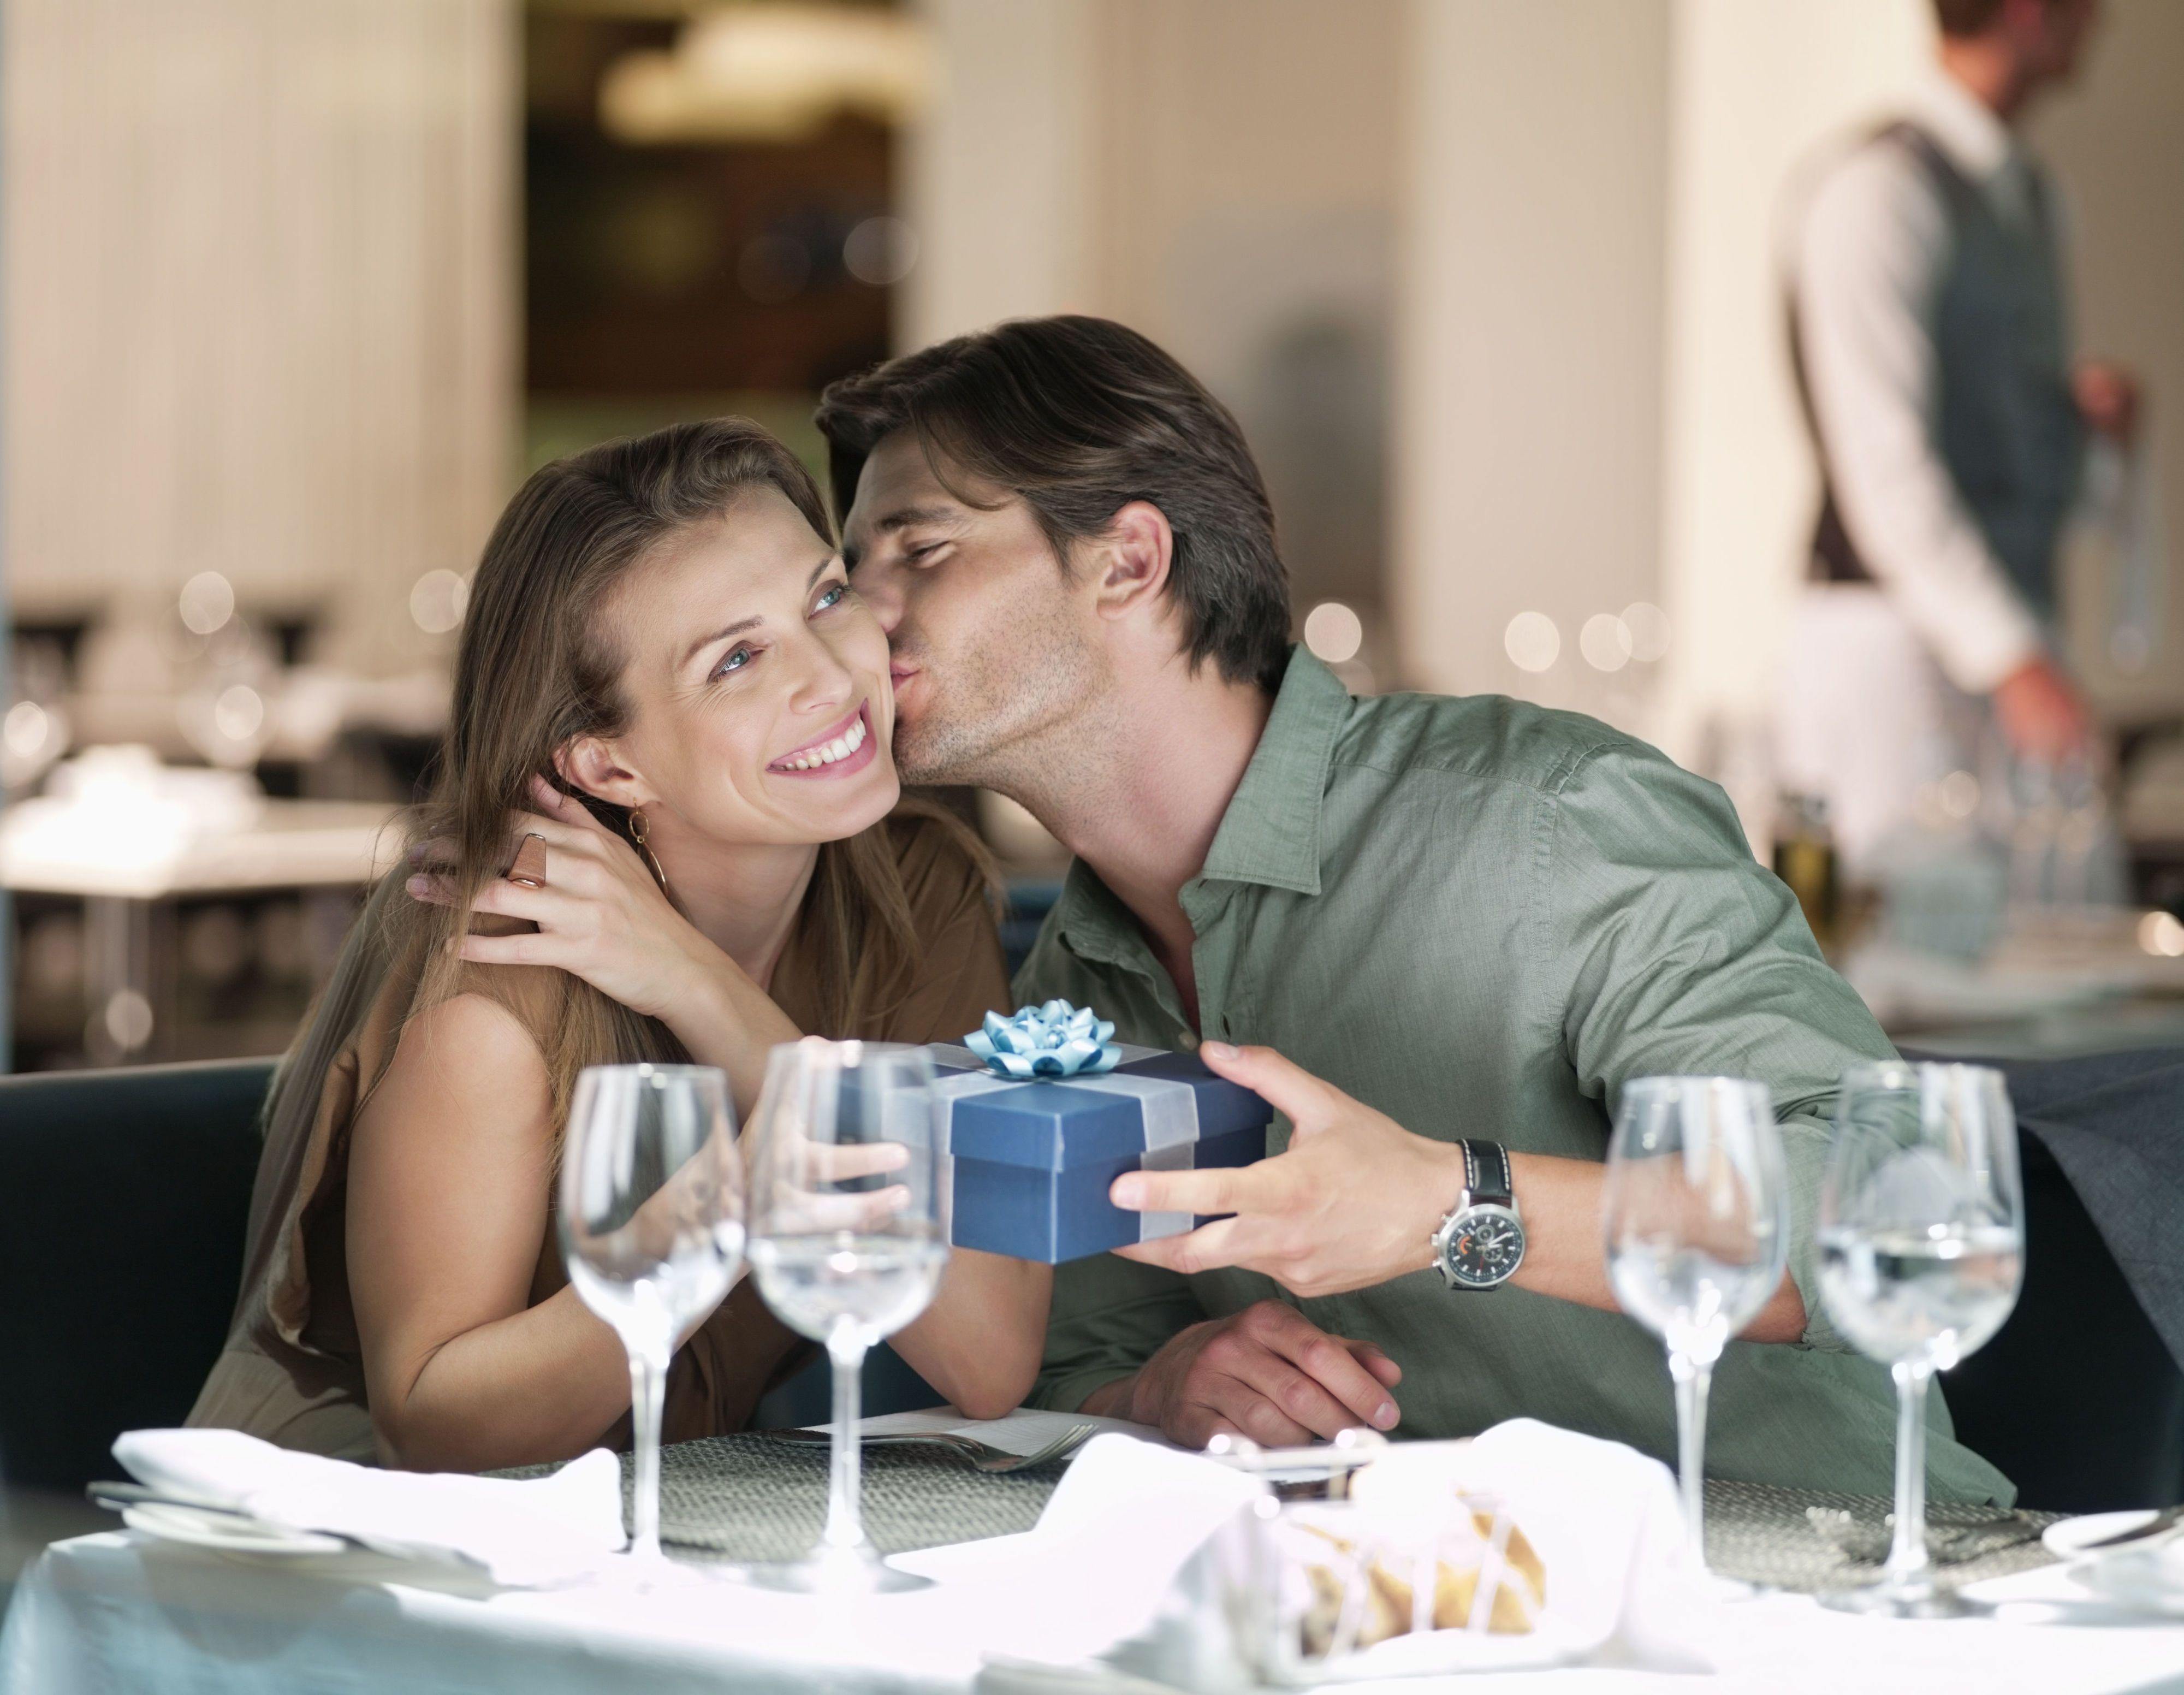 come conoscere il vostro Dating un bravo ragazzo incontri sudamericani gratis